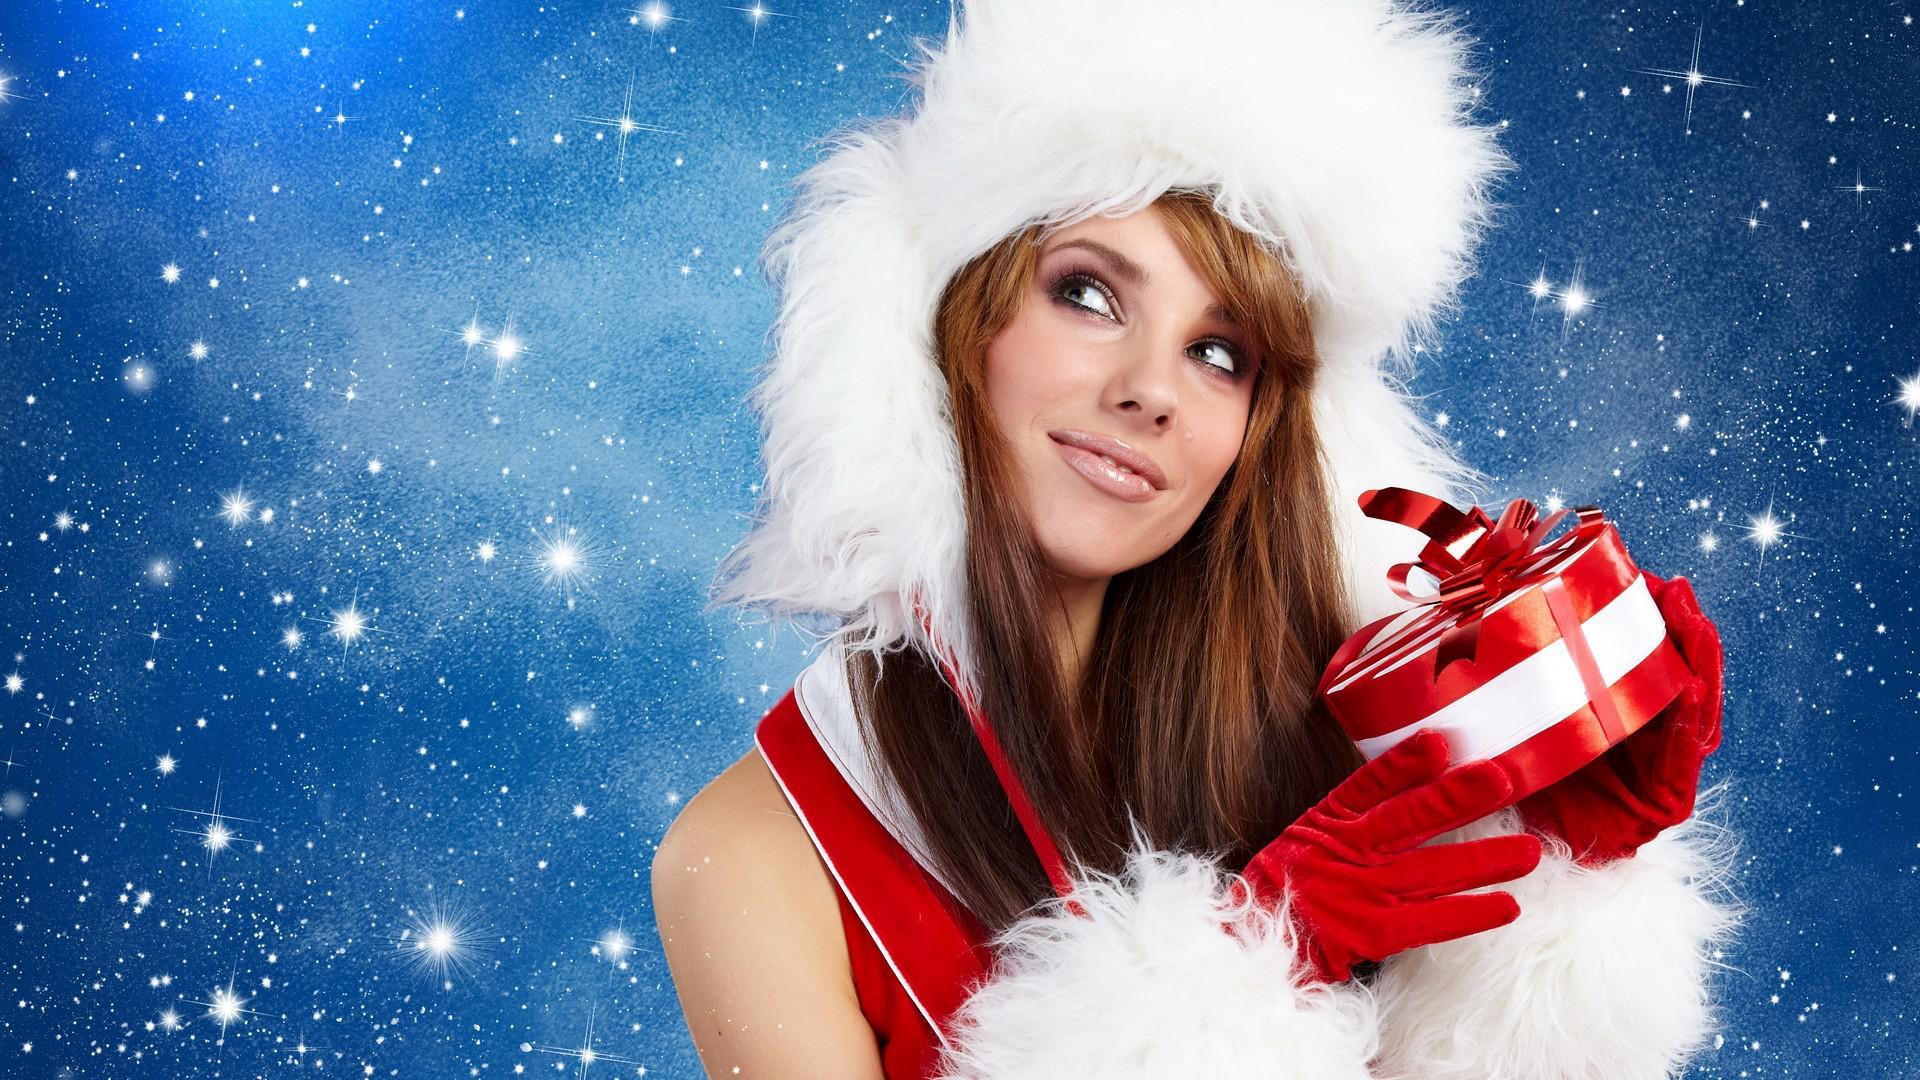 Девушка с елкой и подарком онлайн